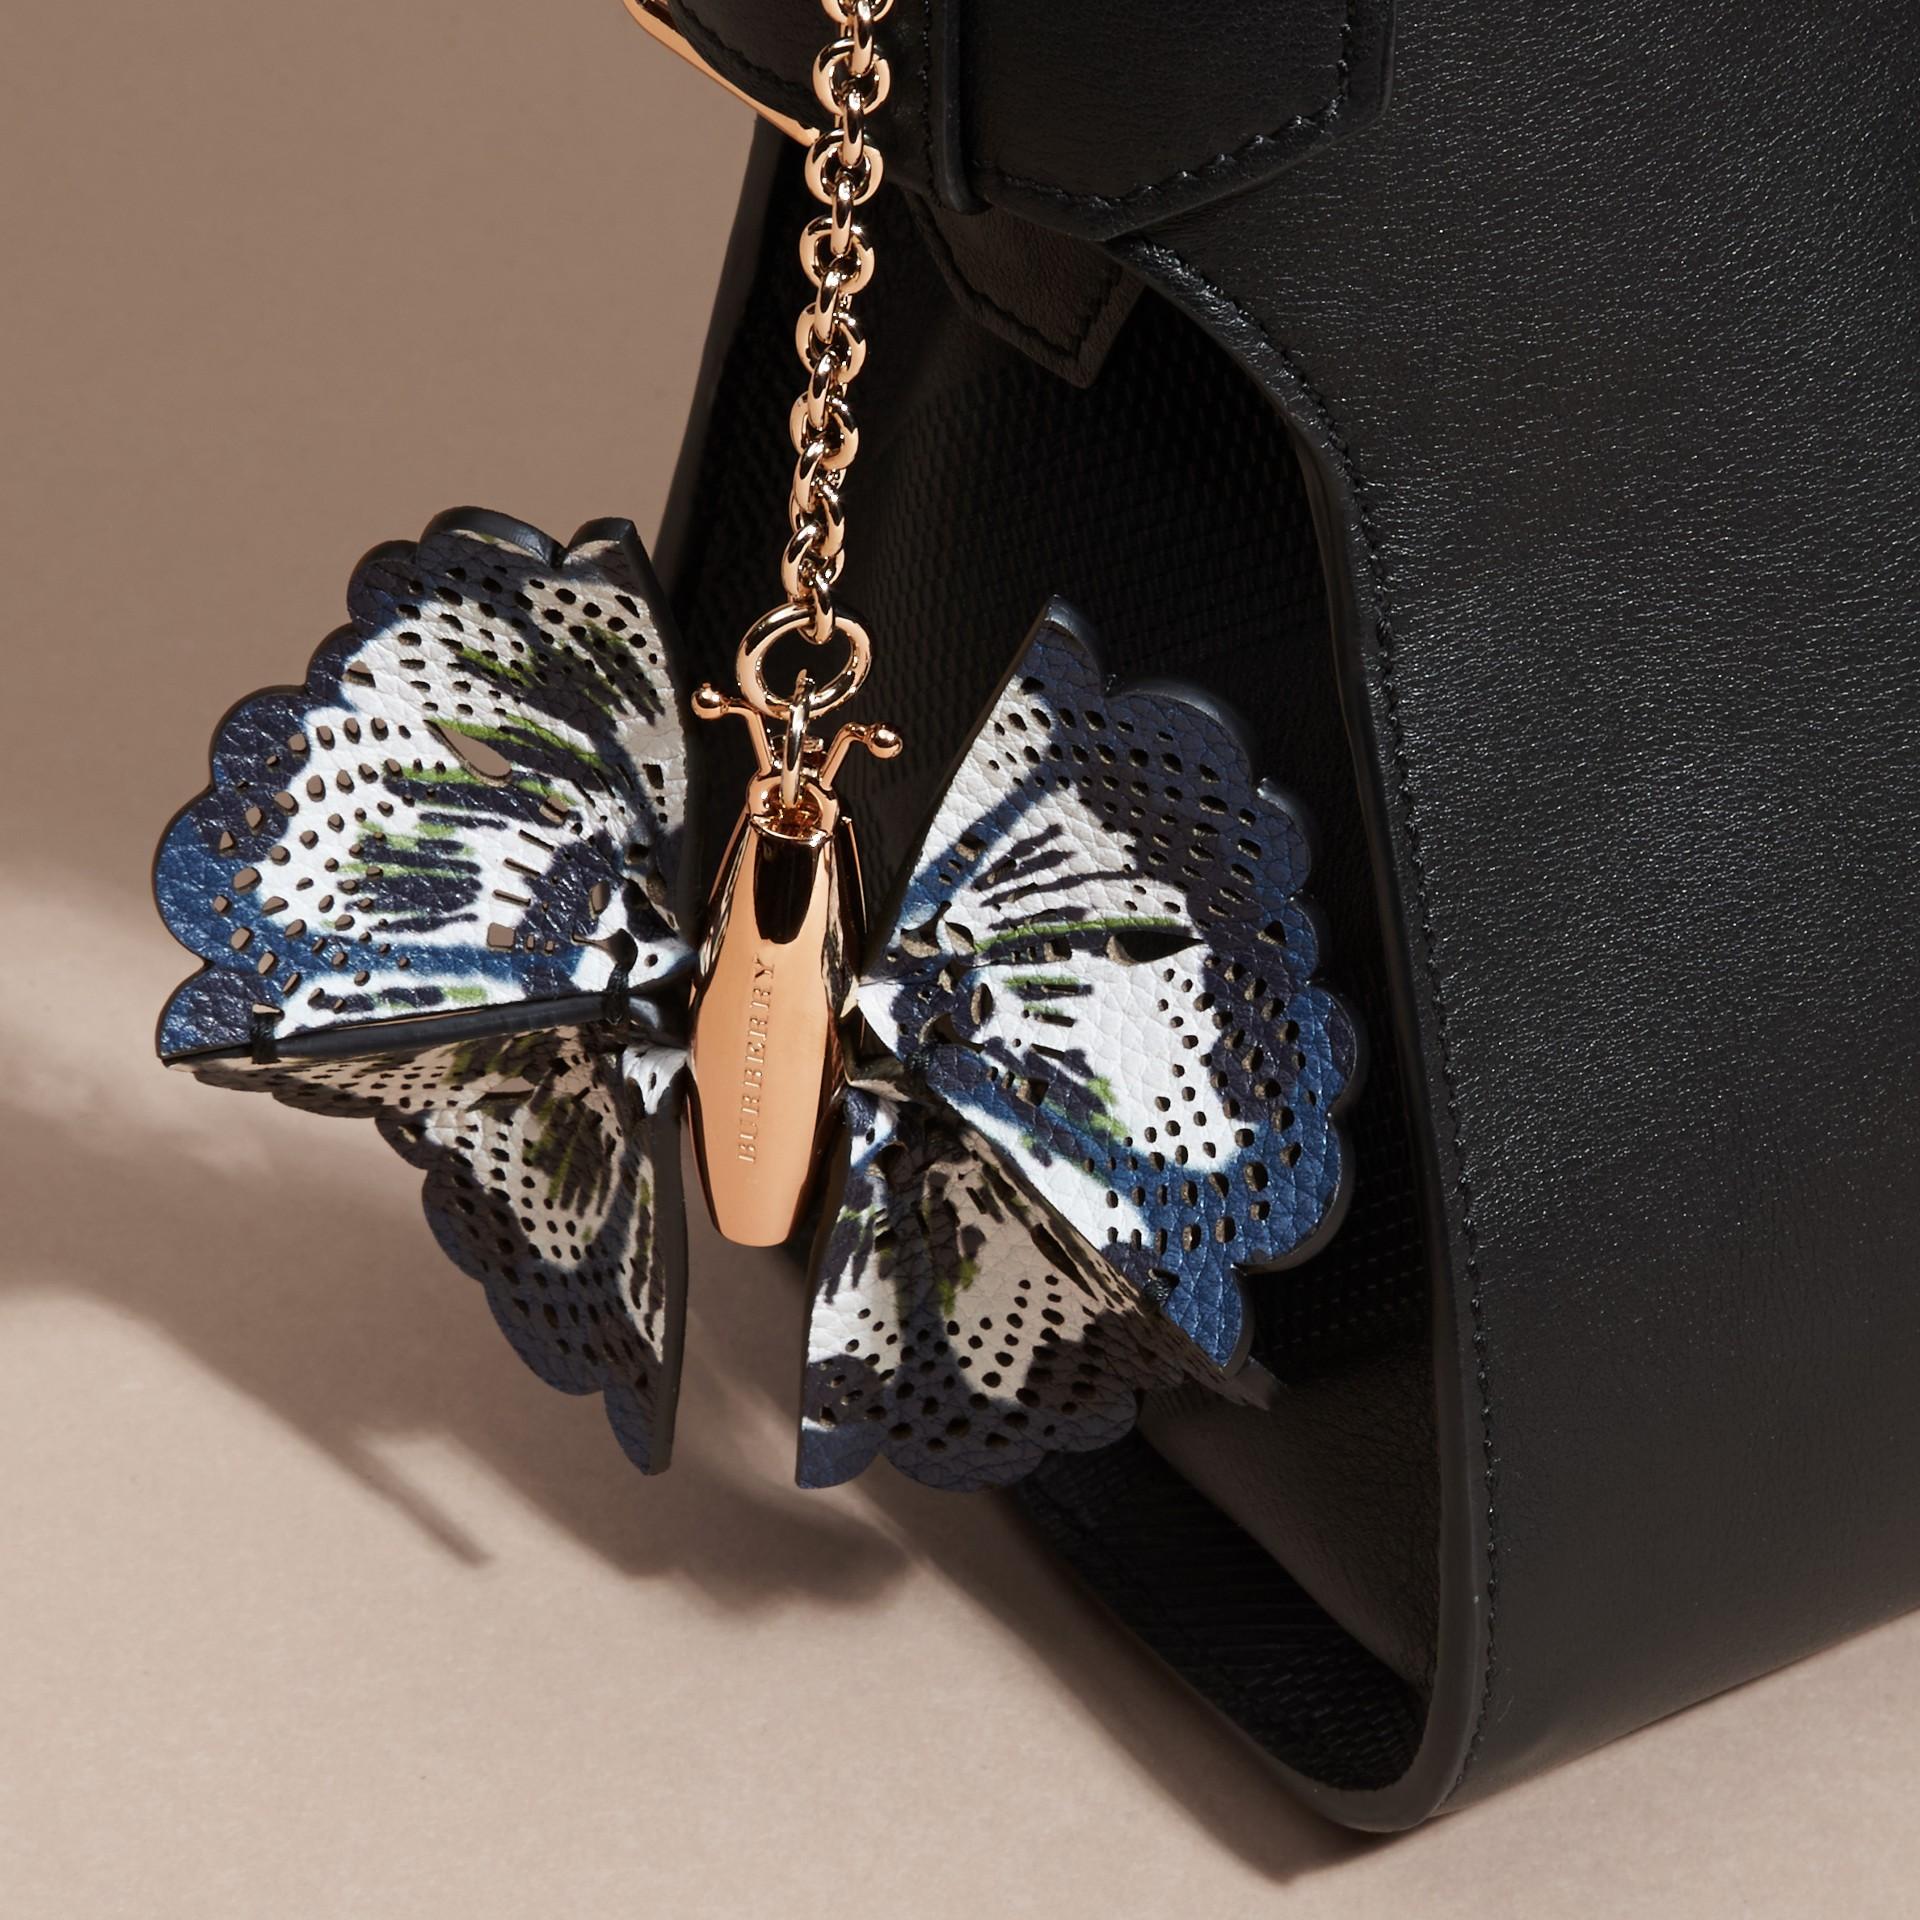 Blu ceruleo intenso/navy brillante Ciondolo a forma di farfalla con pelle stampata tipo tintura a riserva Blu Ceruleo Intenso/navy Brillante - immagine della galleria 3